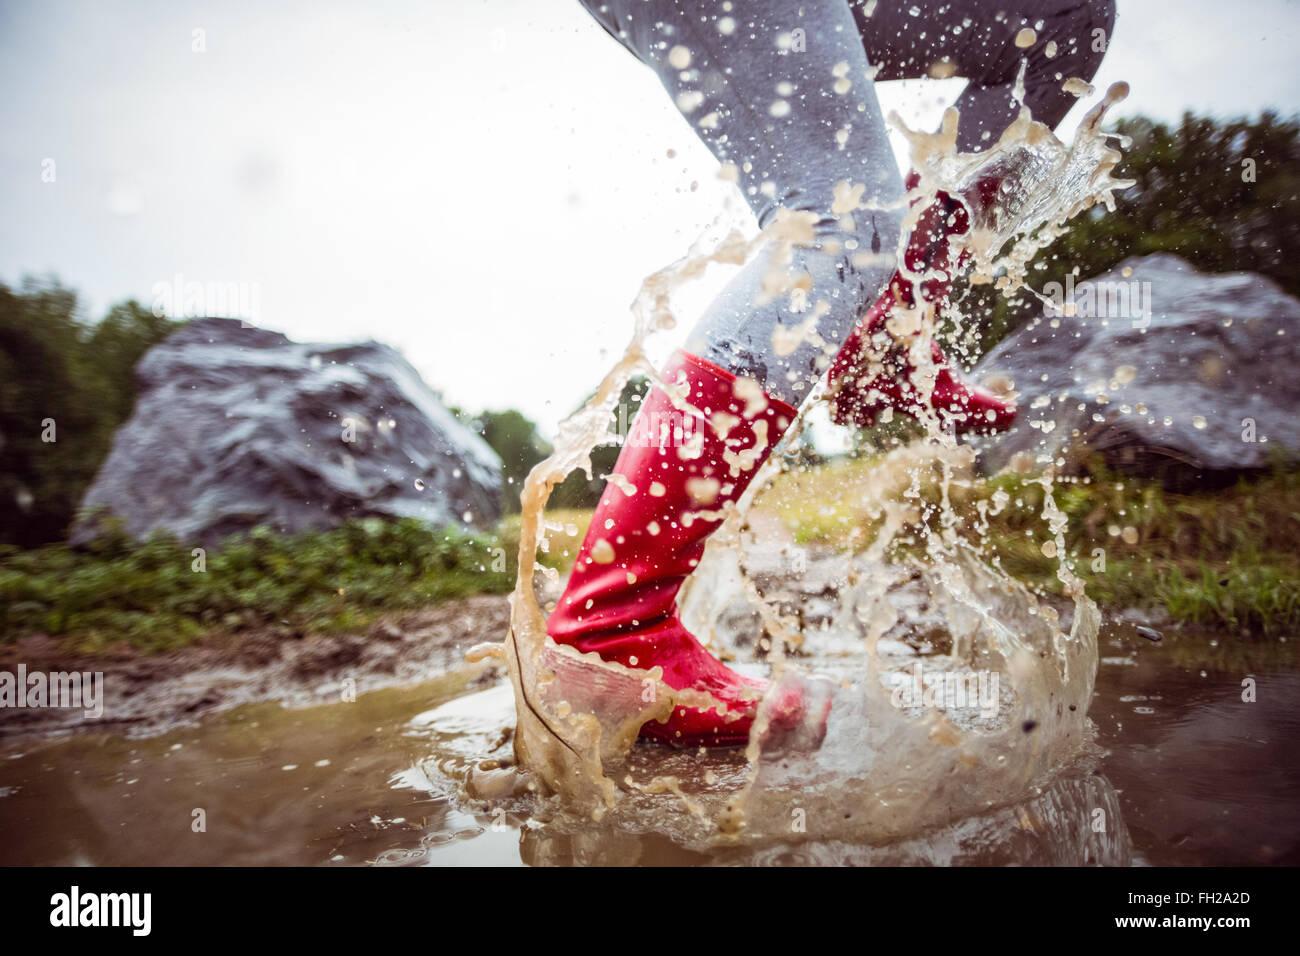 La donna gli schizzi nelle pozzanghere fangose Immagini Stock